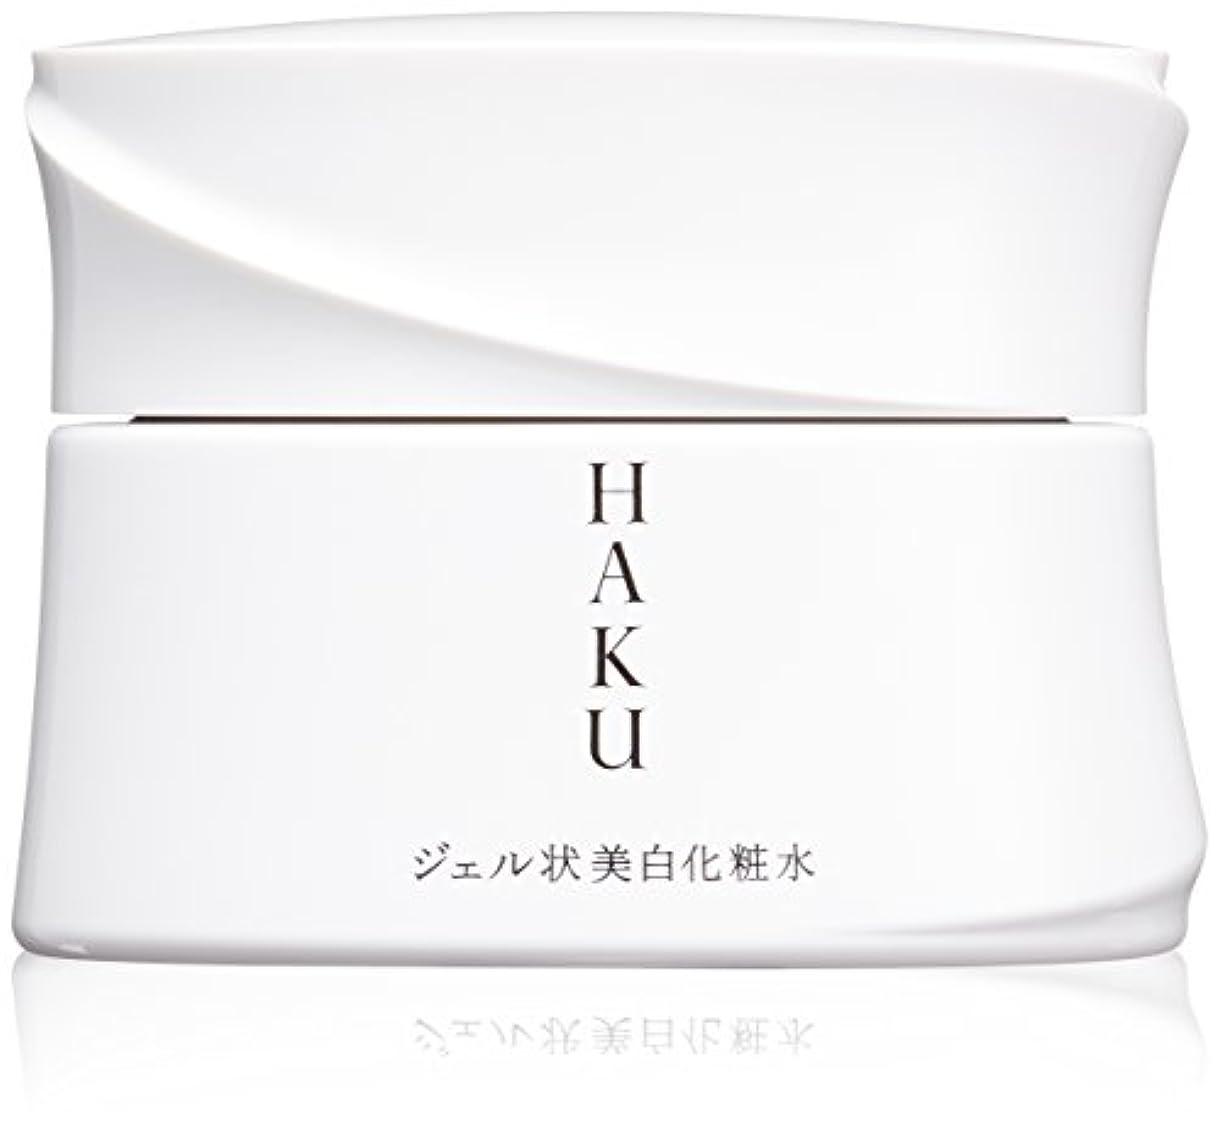 路面電車レギュラーきちんとしたHAKU メラノディープモイスチャー 美白化粧水 100g 【医薬部外品】